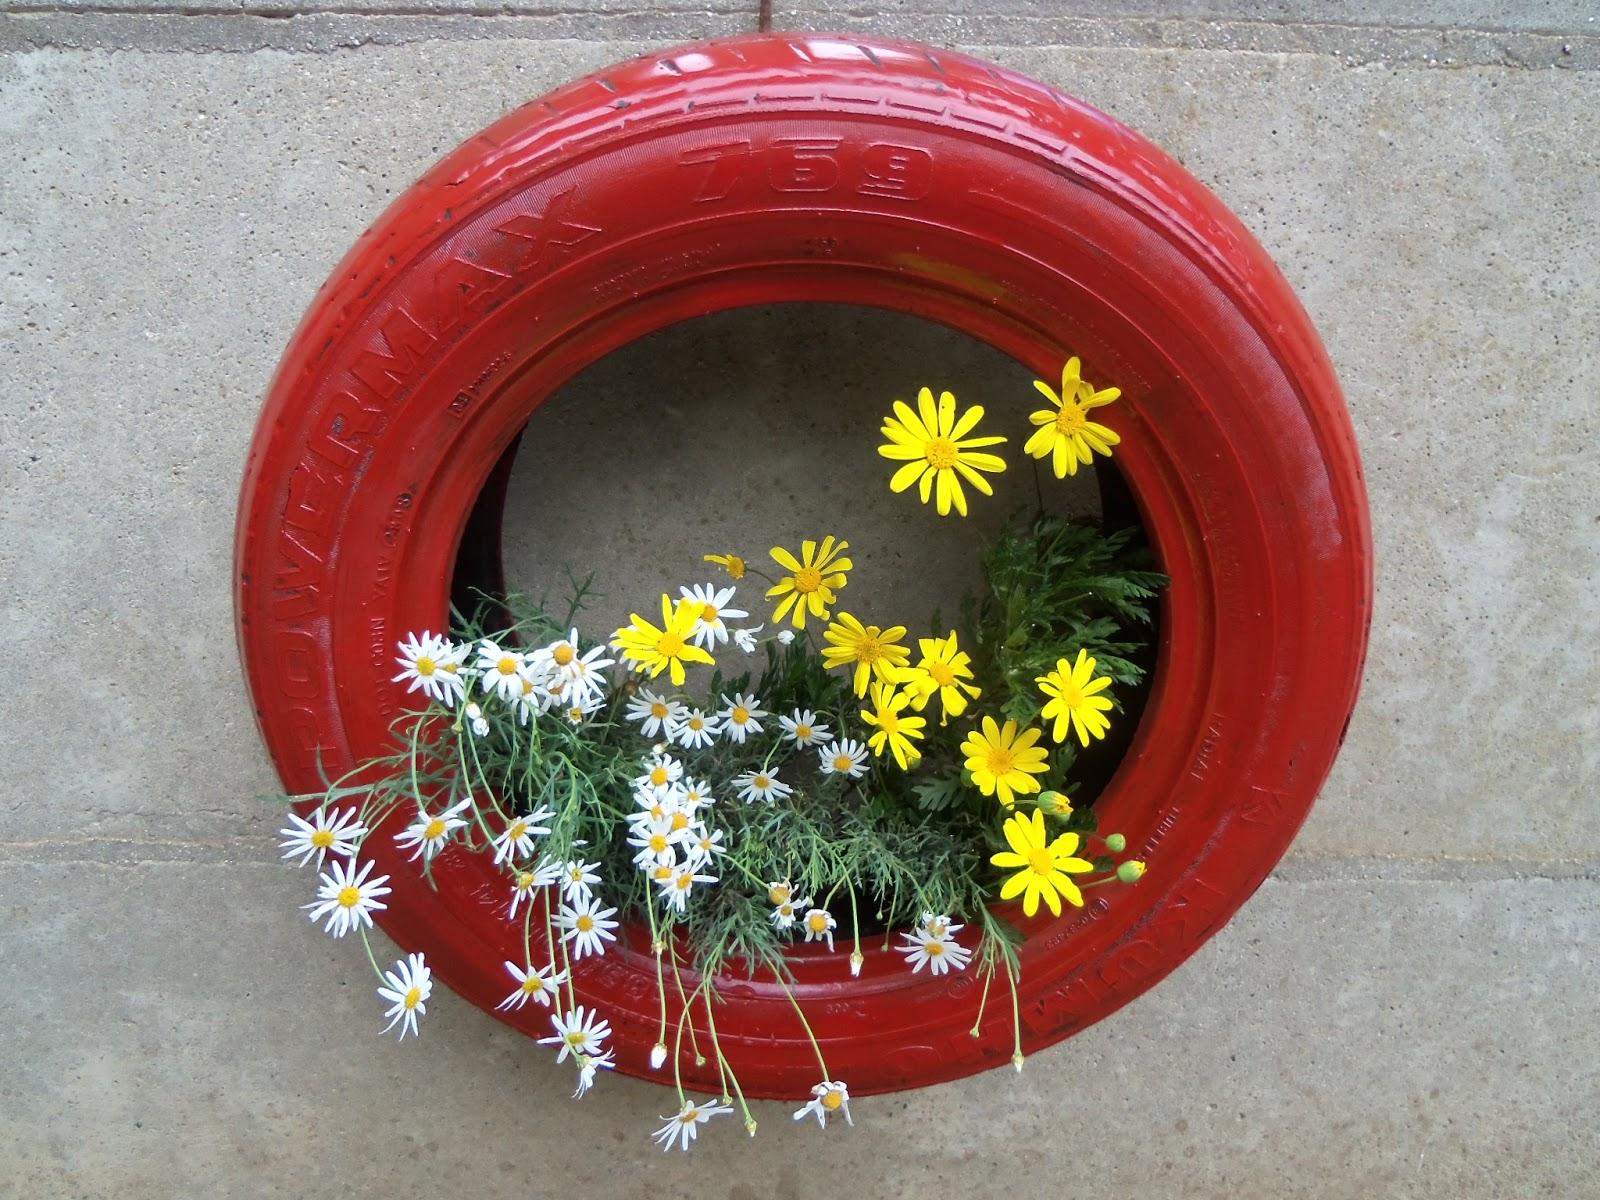 Reciclaje con artesania plantas en un neum tico o llanta for Adornos para plantas con llantas